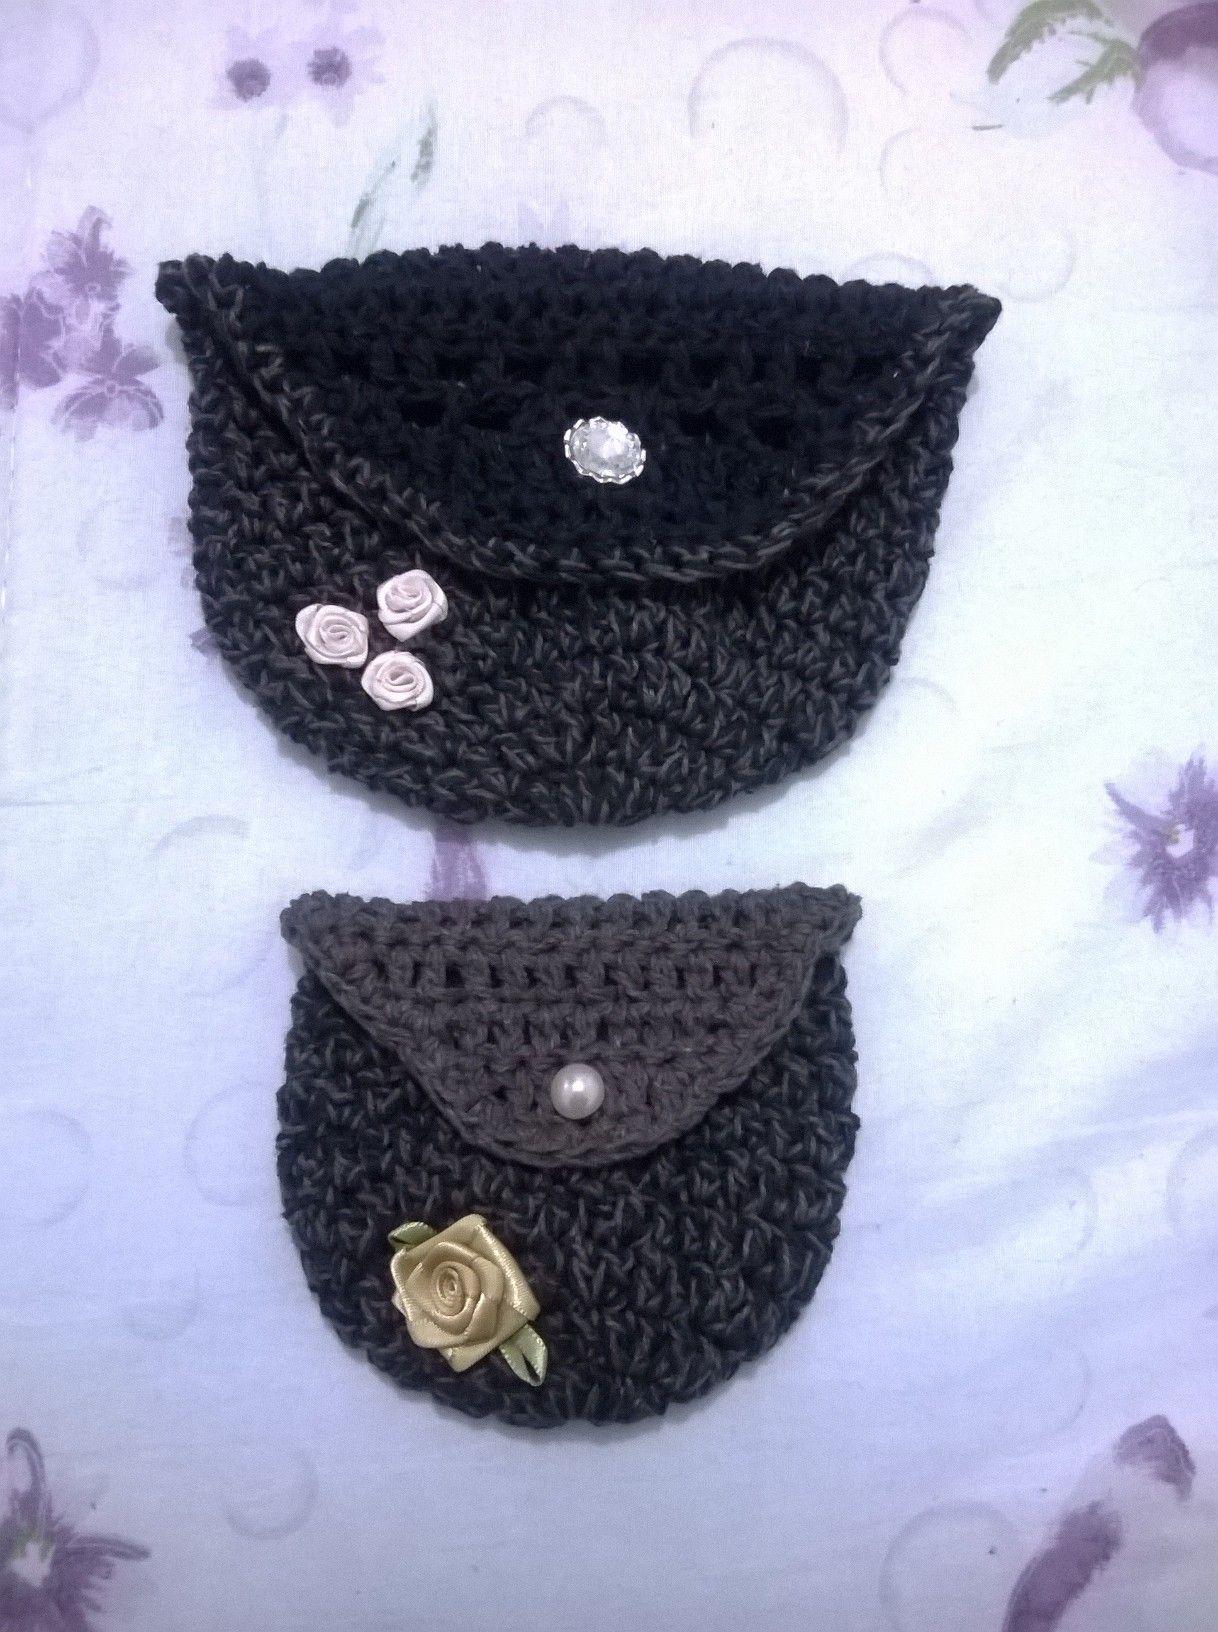 Confeccionados em dois tamanhos com Barbante Joka, mesclado nas cores preto e marrom. www.bellezasul.blogspot.com.br